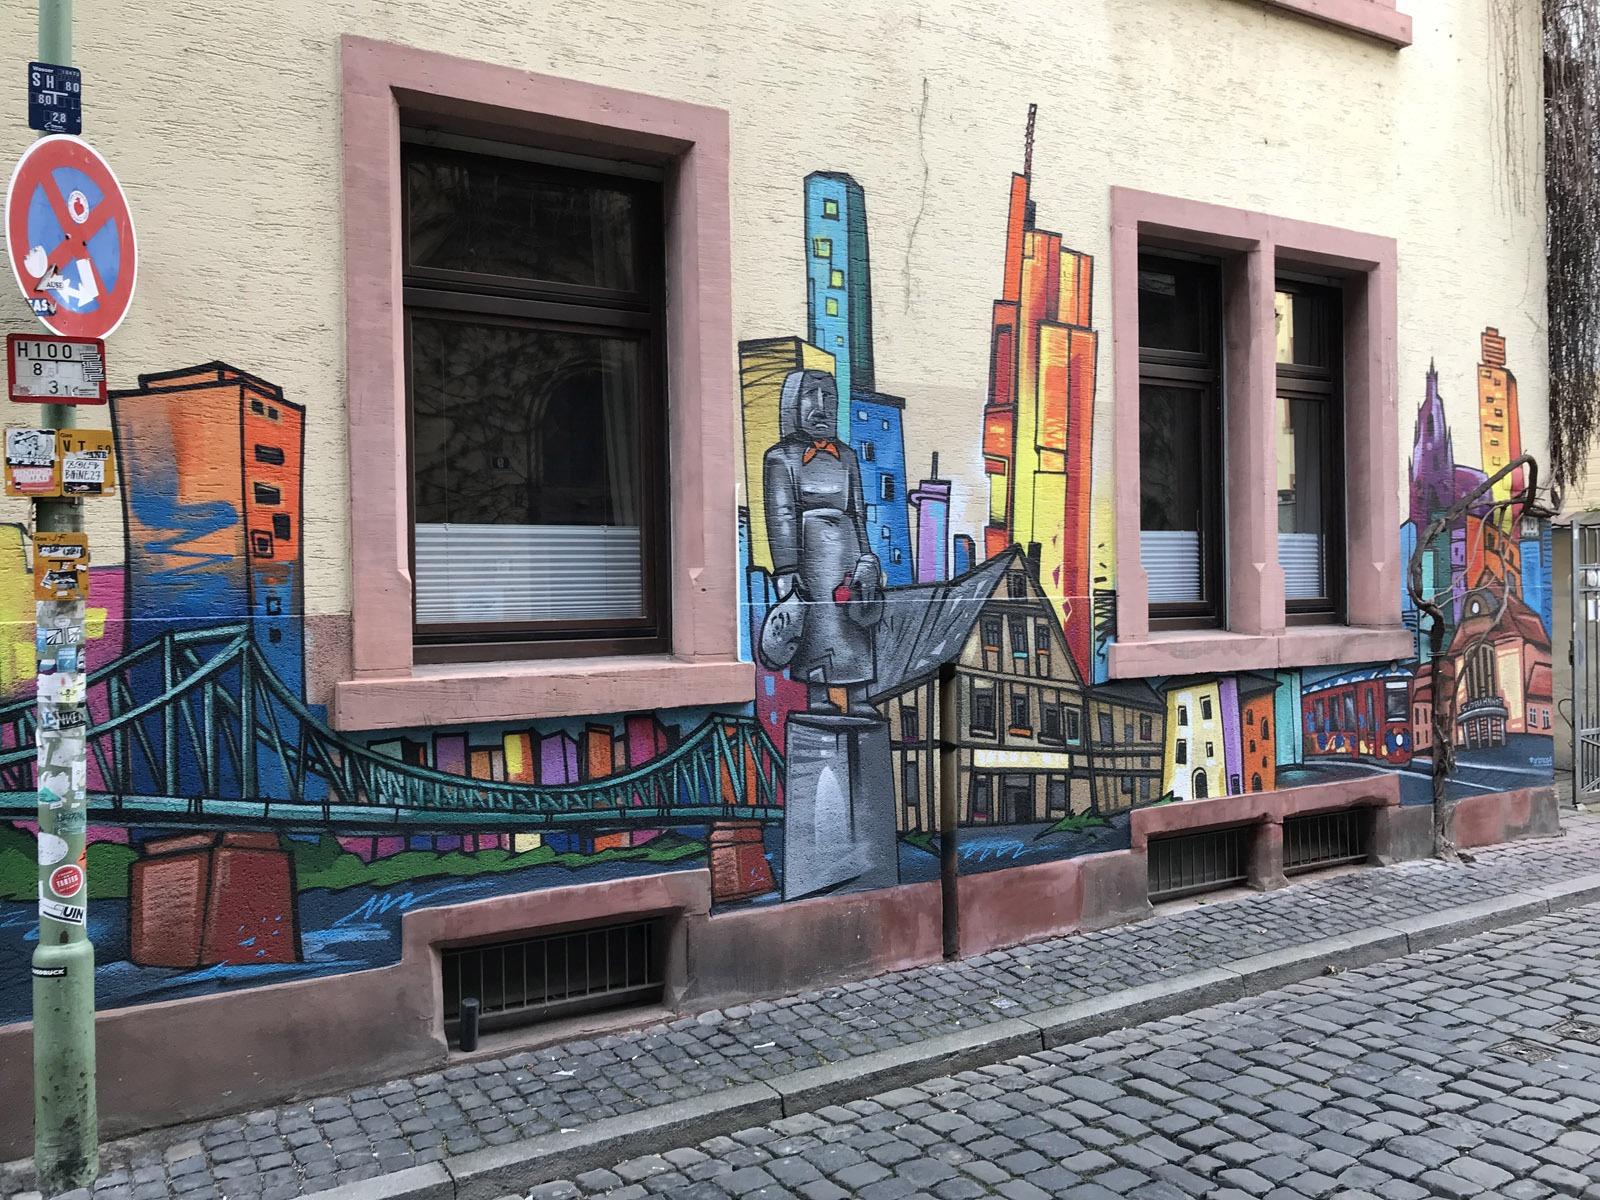 graffitiauftrag-graffitikuenstler-artmos4-niedergesaess-sachsenhausen-2018-skyline-silhouette-landschaft-sehenswuerdigkeiten-aussen-bunt-illustrativ-kunst-privat